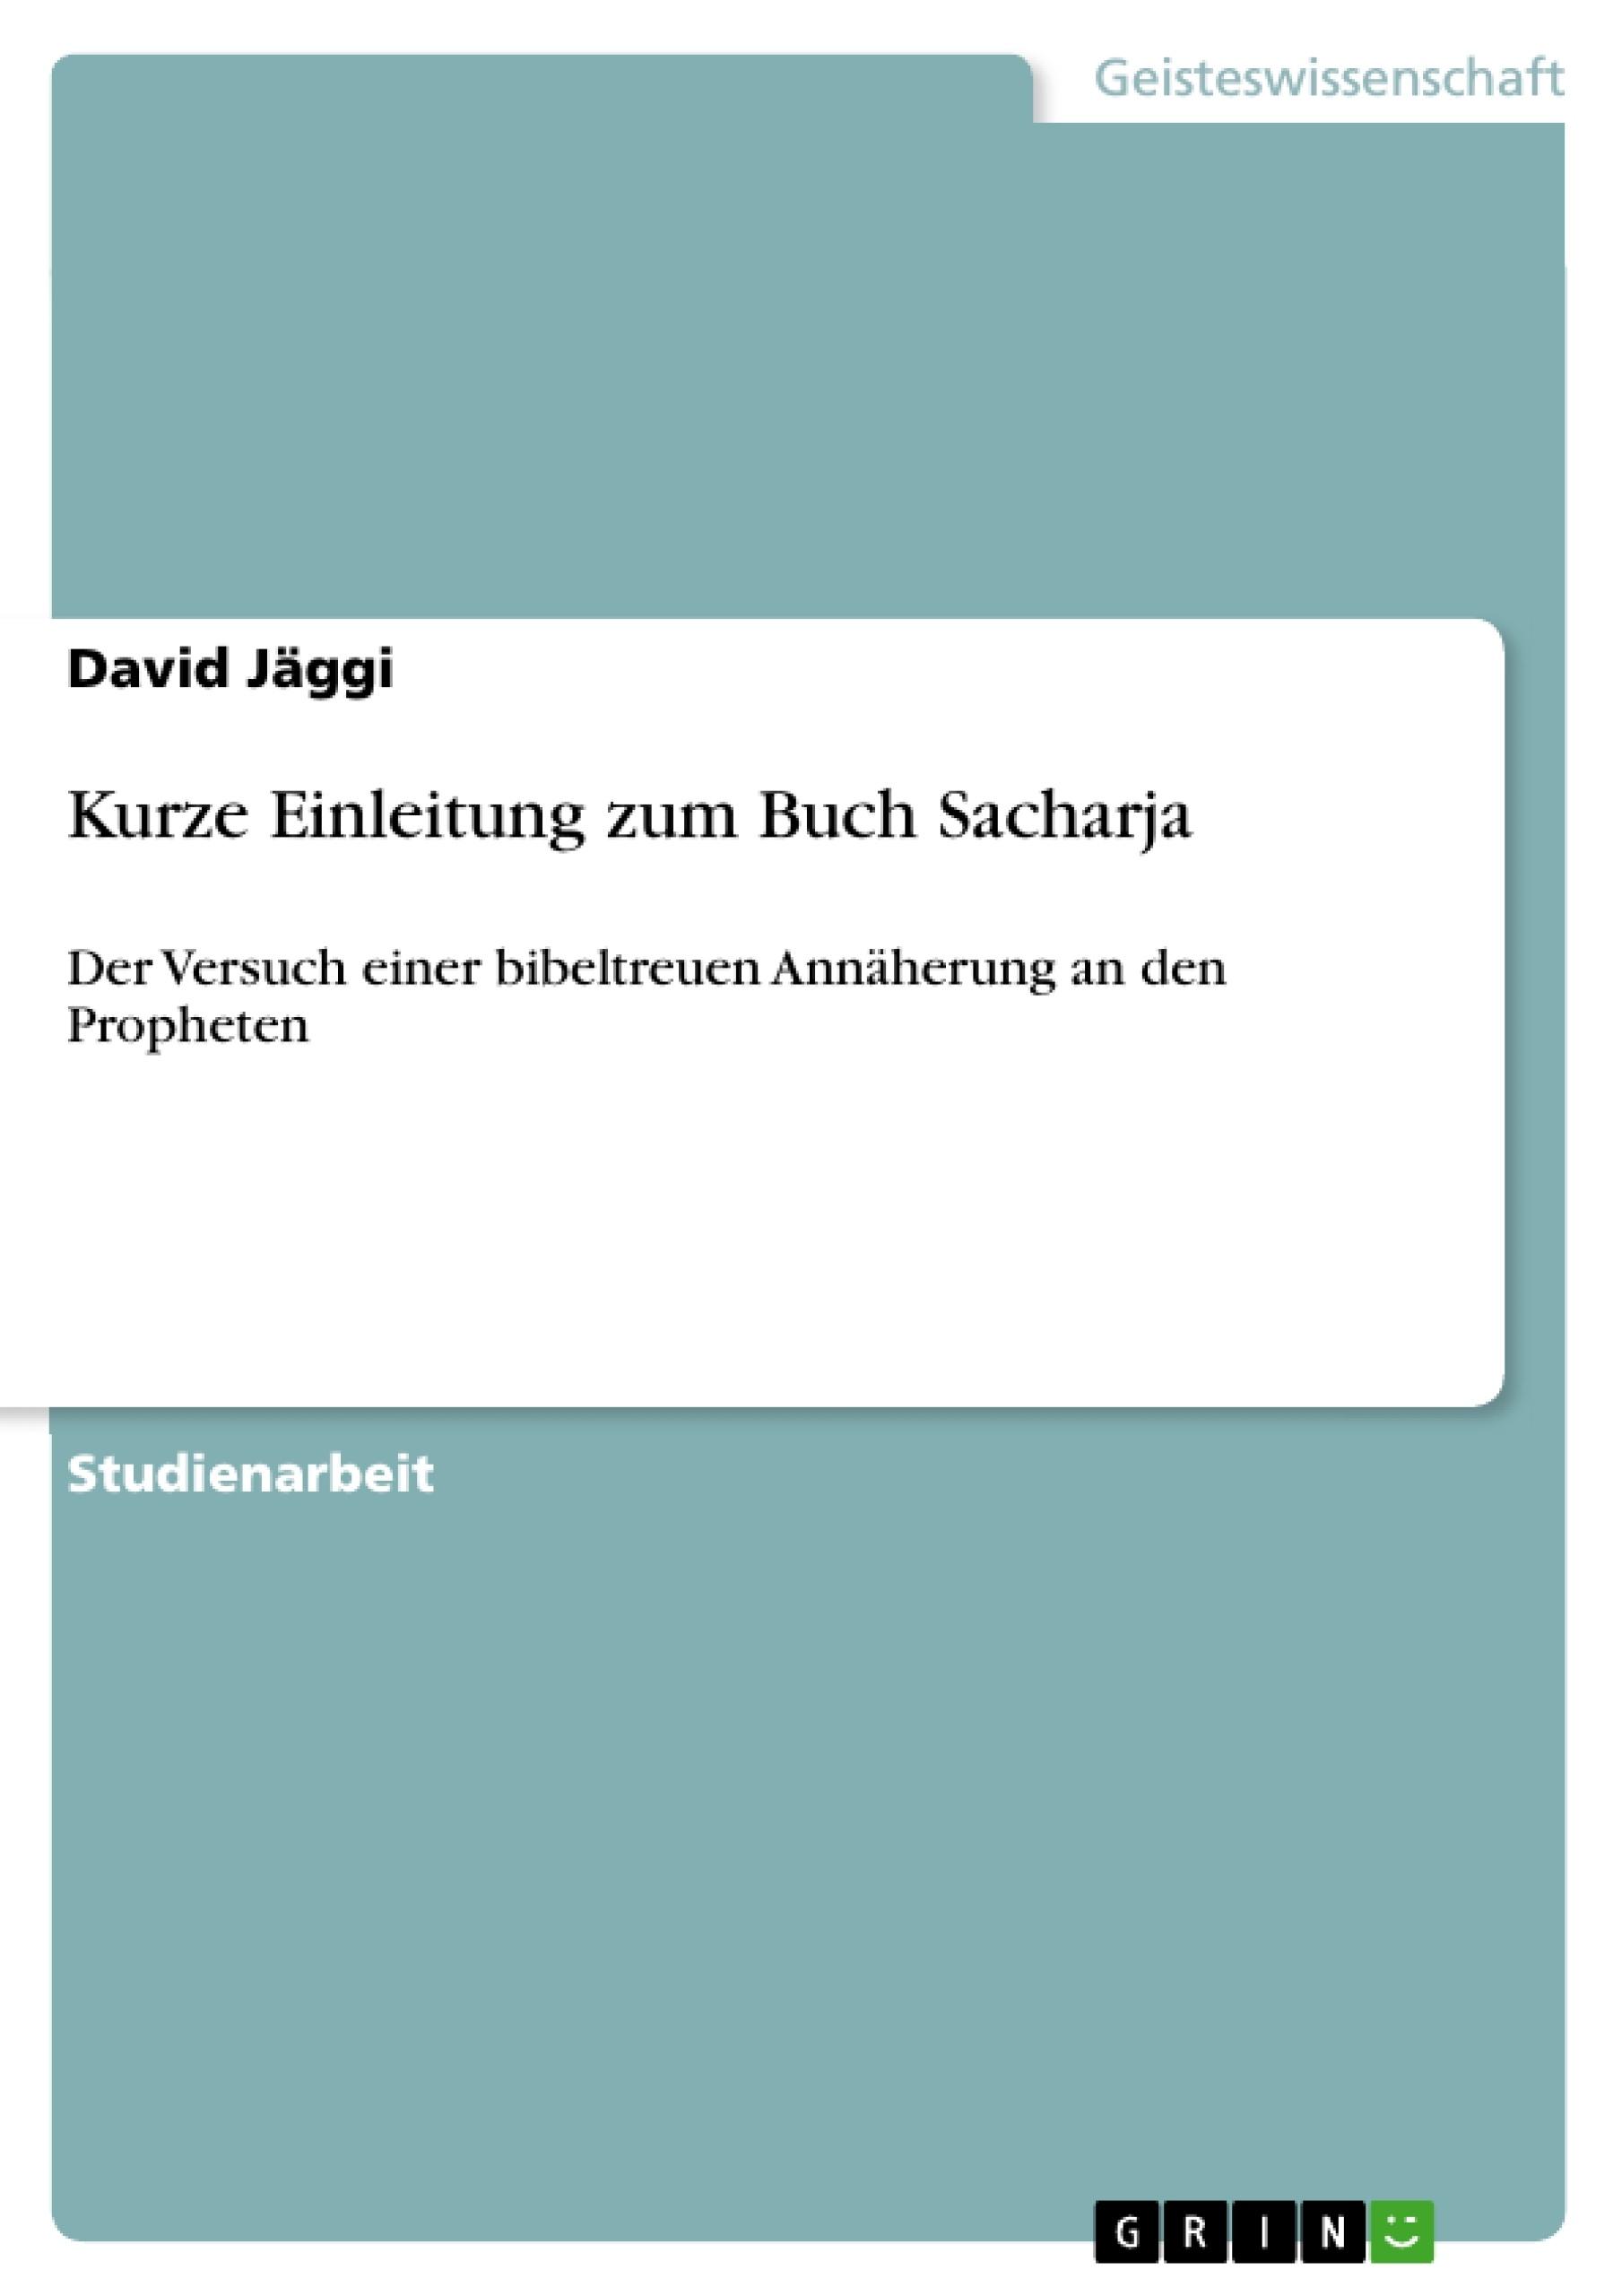 Titel: Kurze Einleitung zum Buch Sacharja